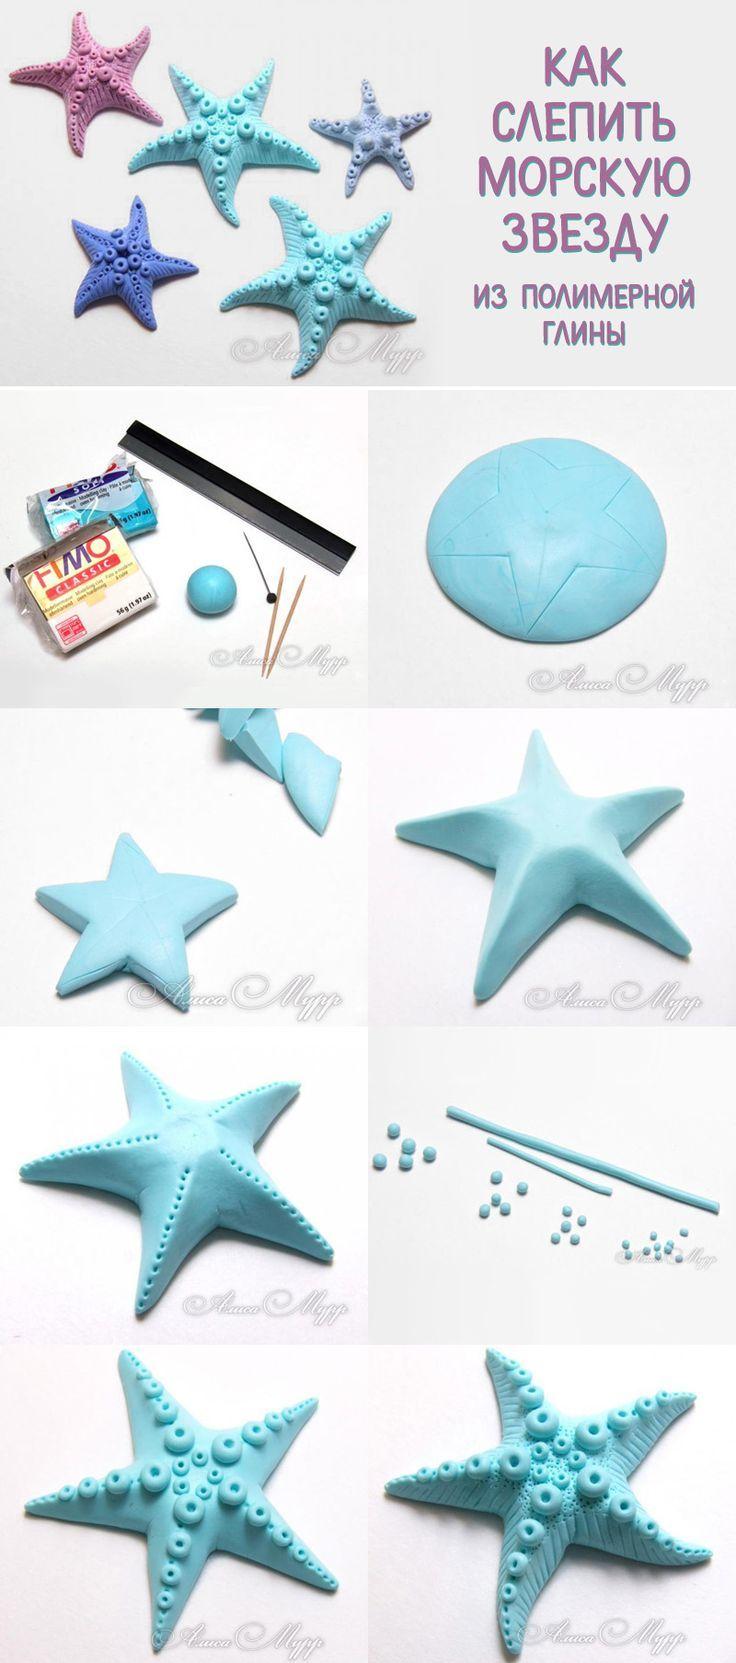 Лепим морскую звезду из полимерной глины / Polymer clay starfish: